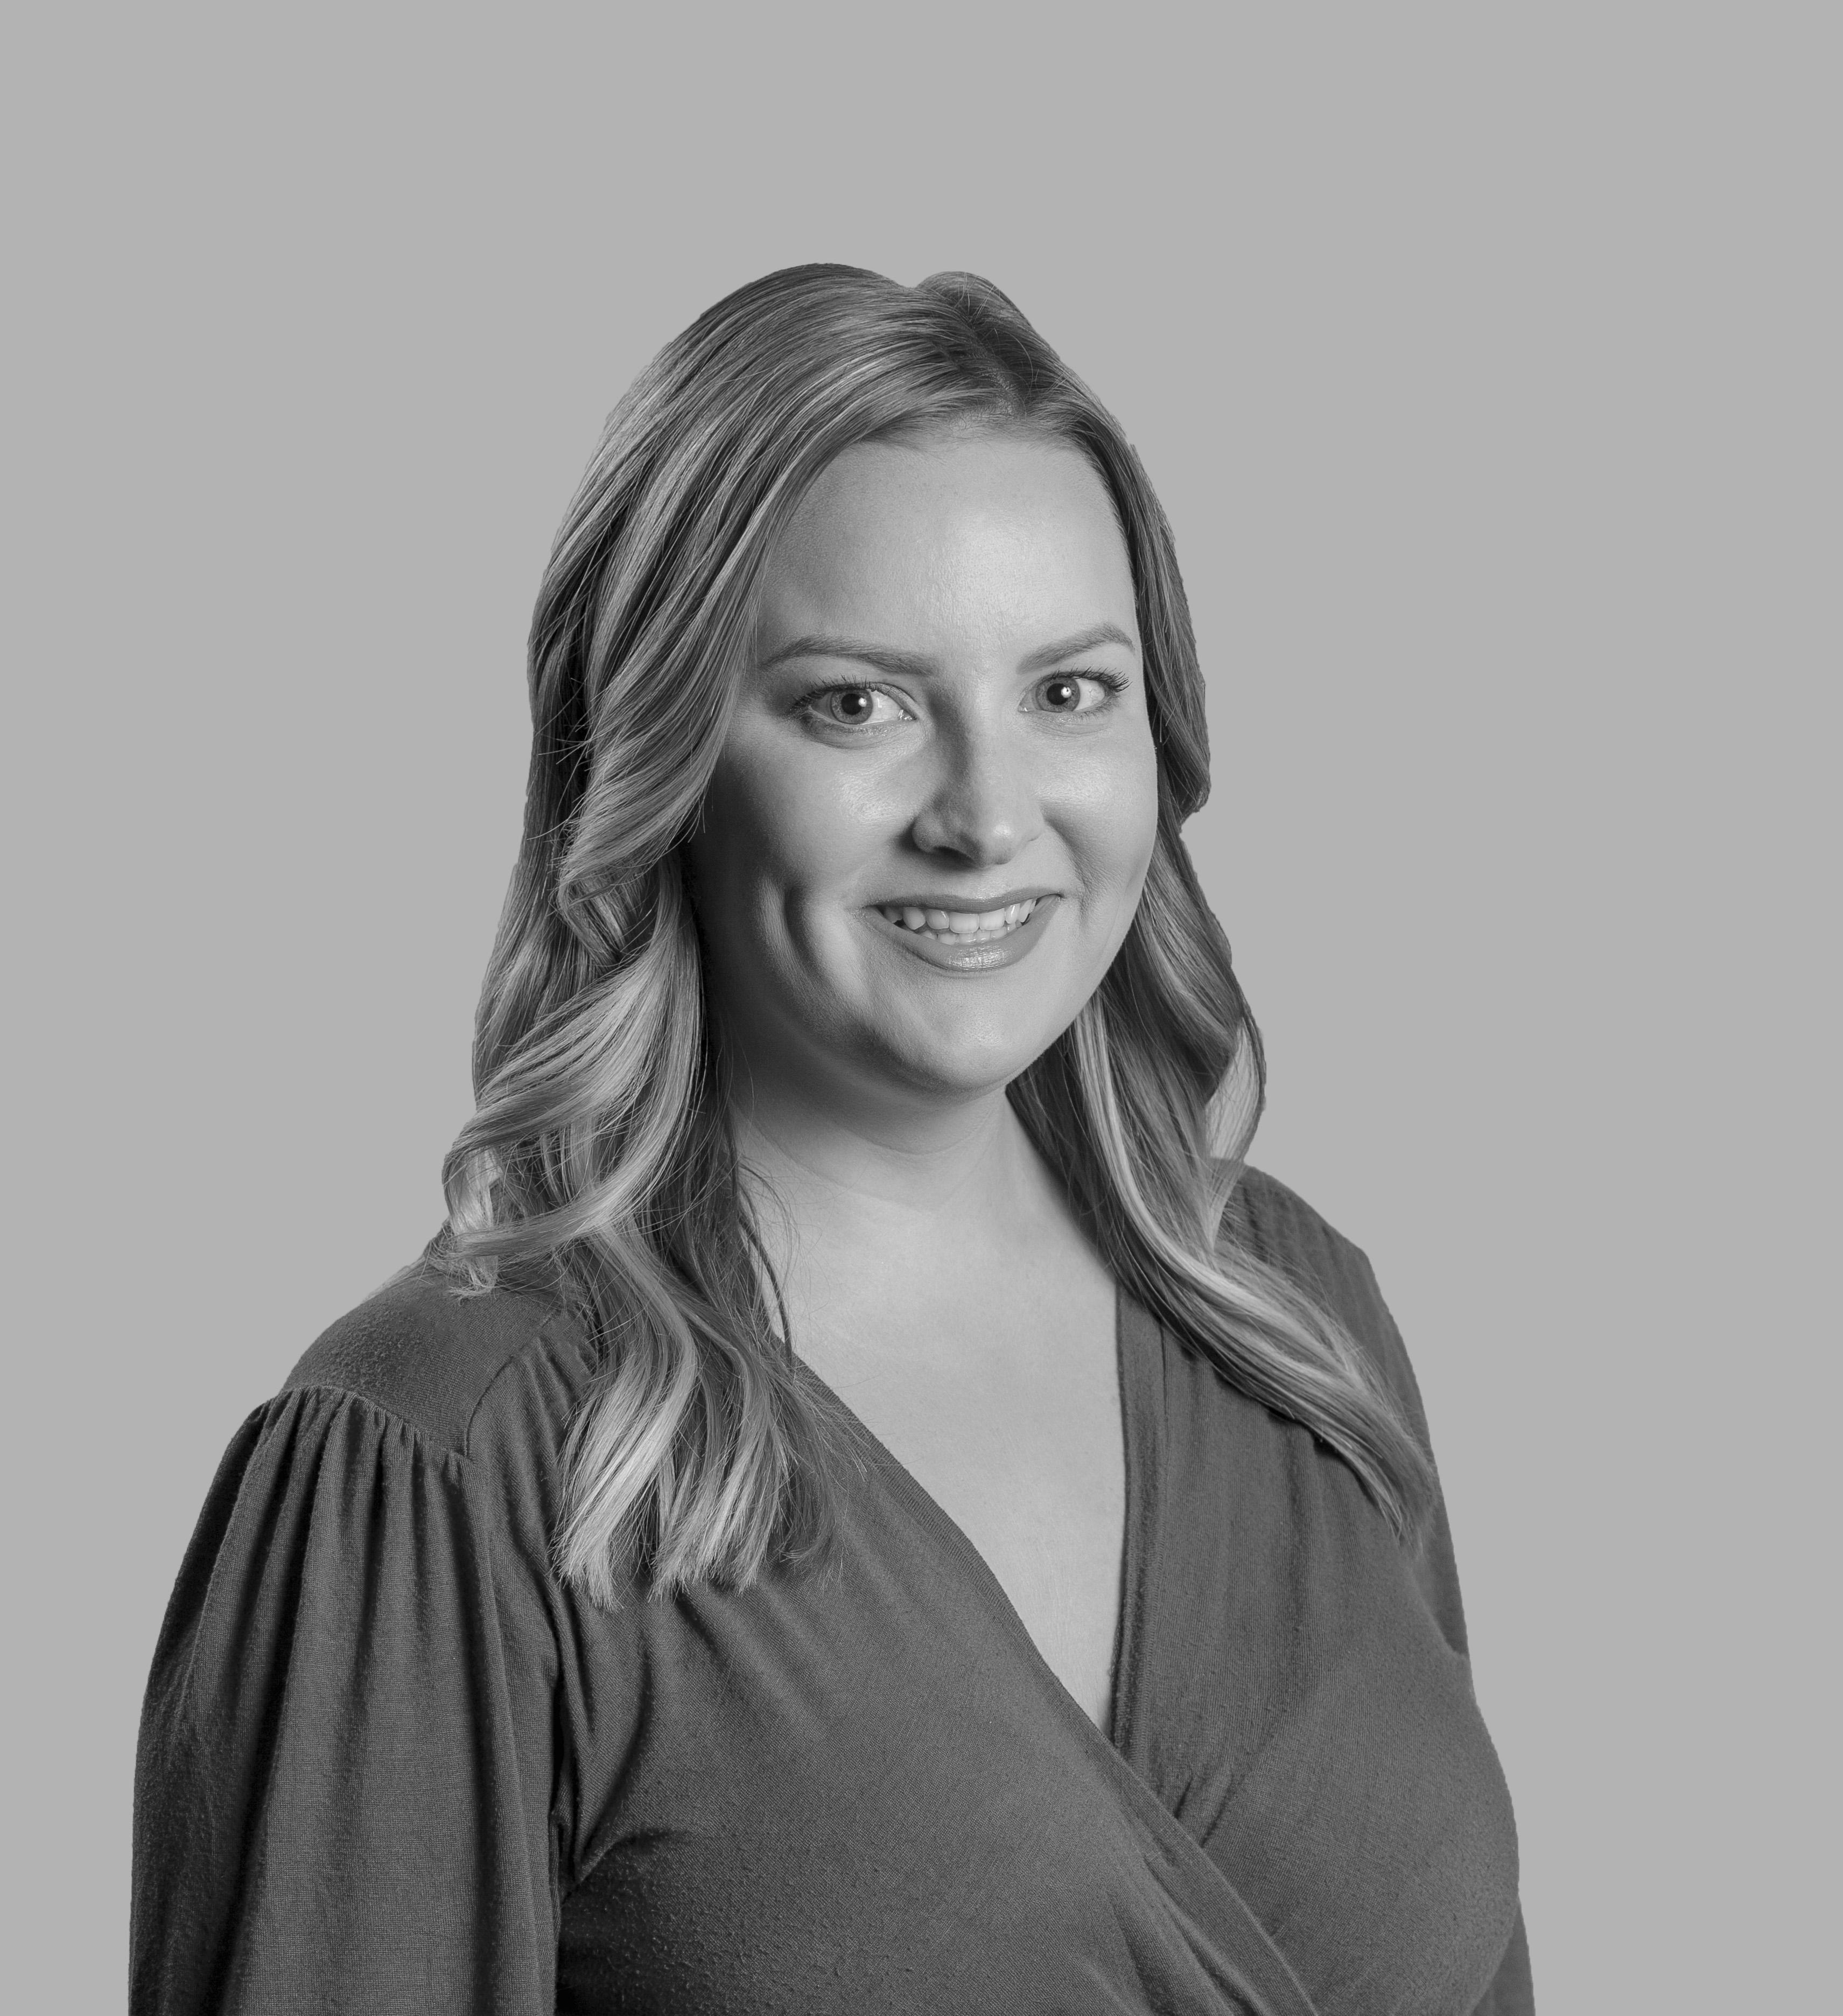 Megan Brandow